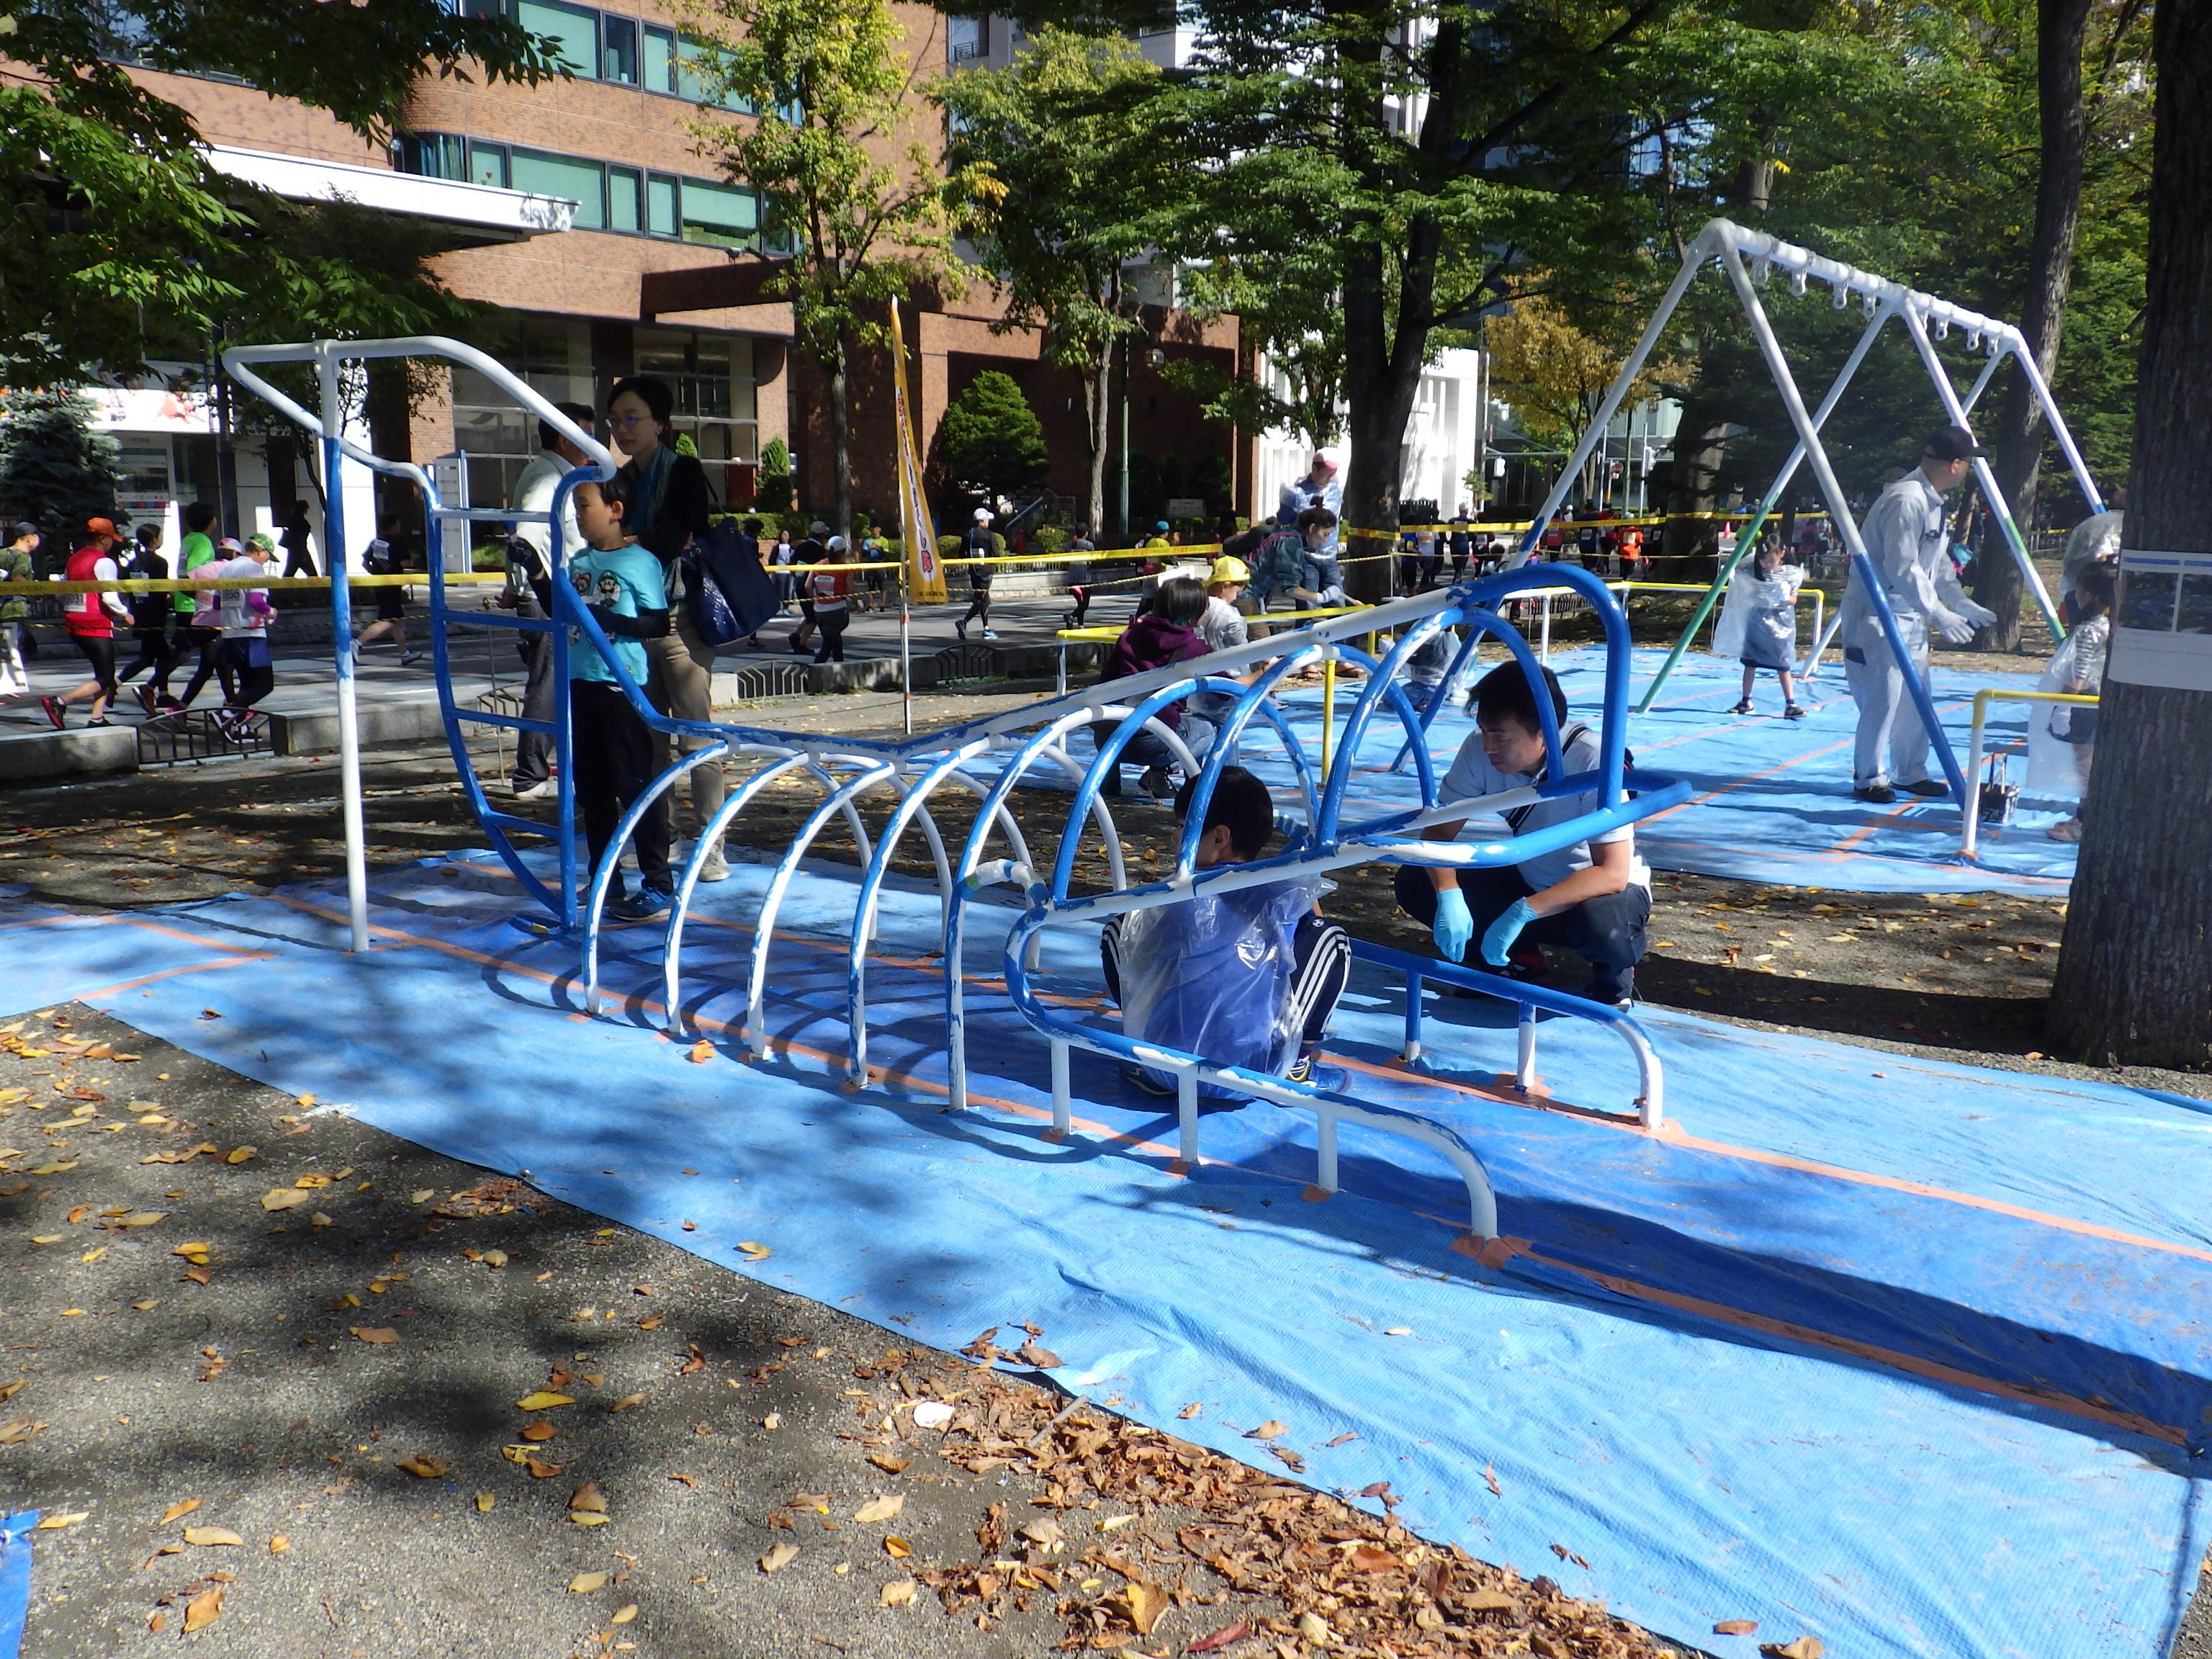 10月6日の遊具塗装体験でクシラ遊具に塗装をする子どもたち